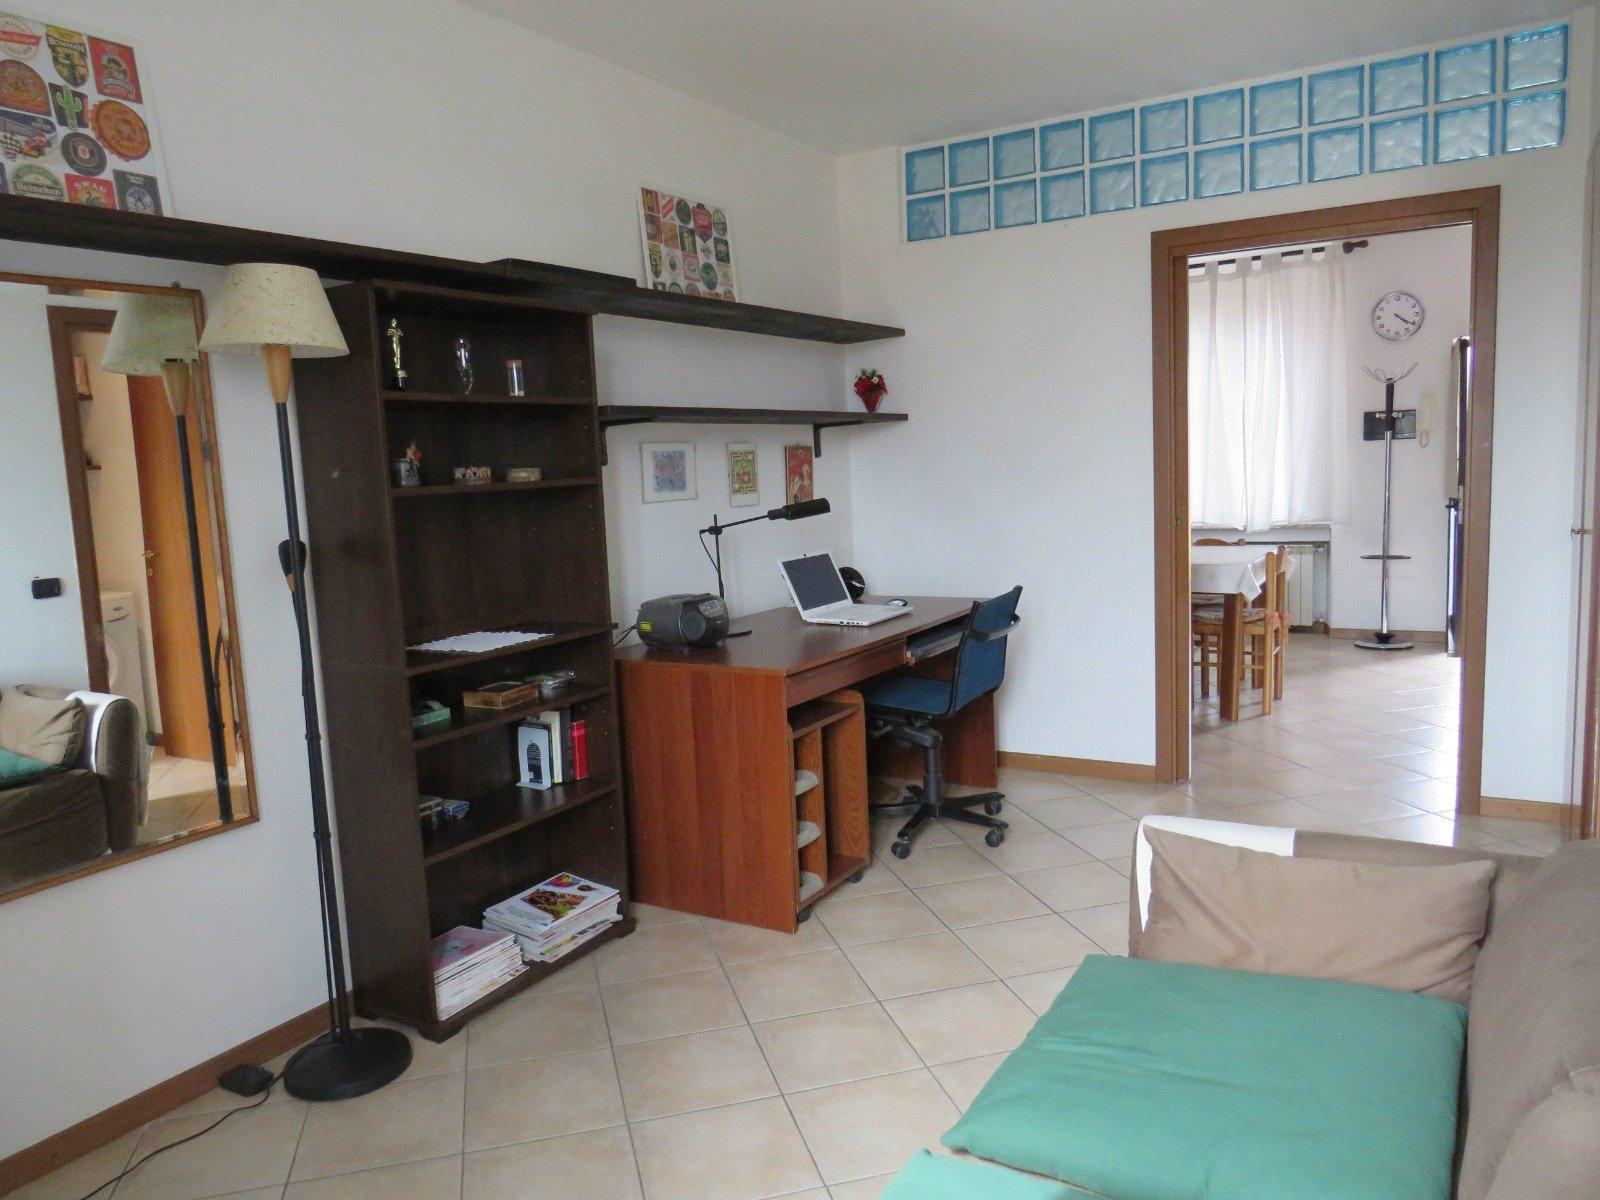 appartamento-in-vendita-a-rho-spaziourbano-immobiliare-vende-2-locali-bilocale-milano-fiera-7